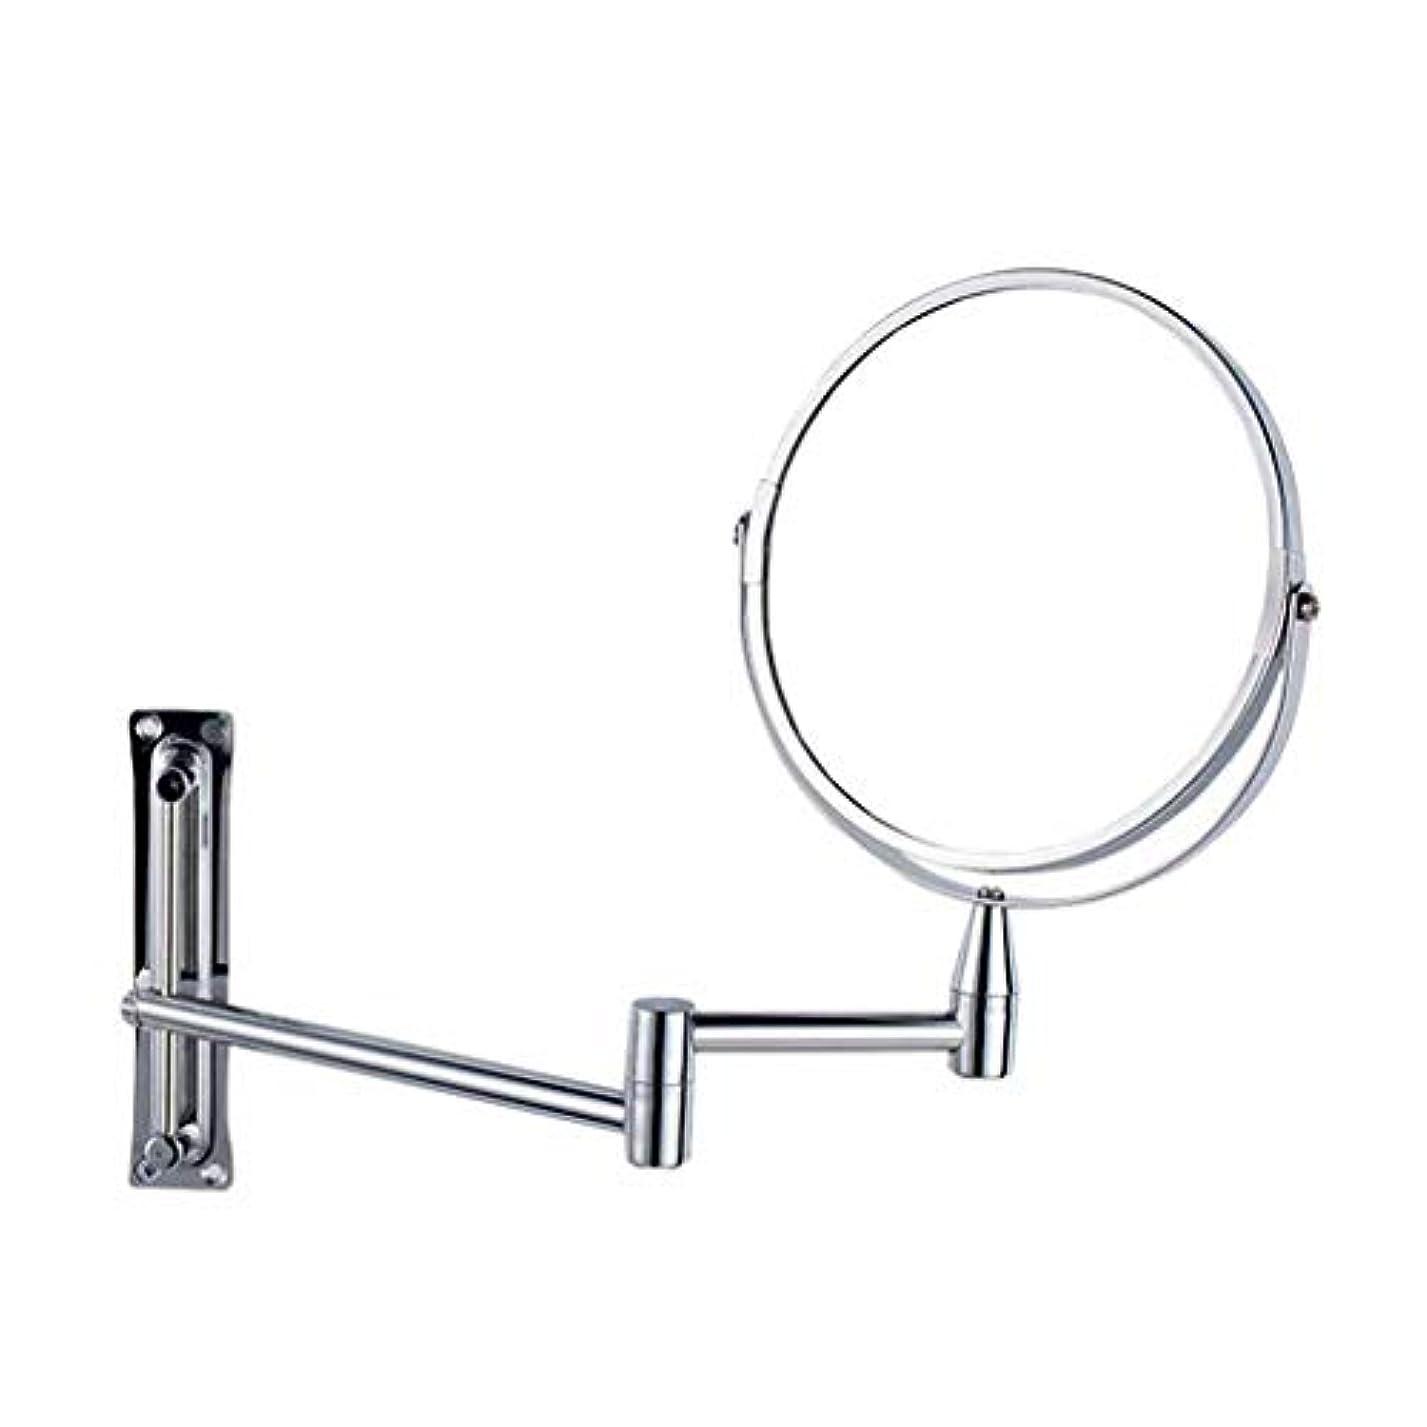 美的バースト意味するACMEDE 両面化粧鏡 壁付け 折りたたみ 5倍拡大鏡+等倍 360度回転 伸縮可能 壁付けミラー 洋式アームミラー メイク道具 洗面所に取り付け